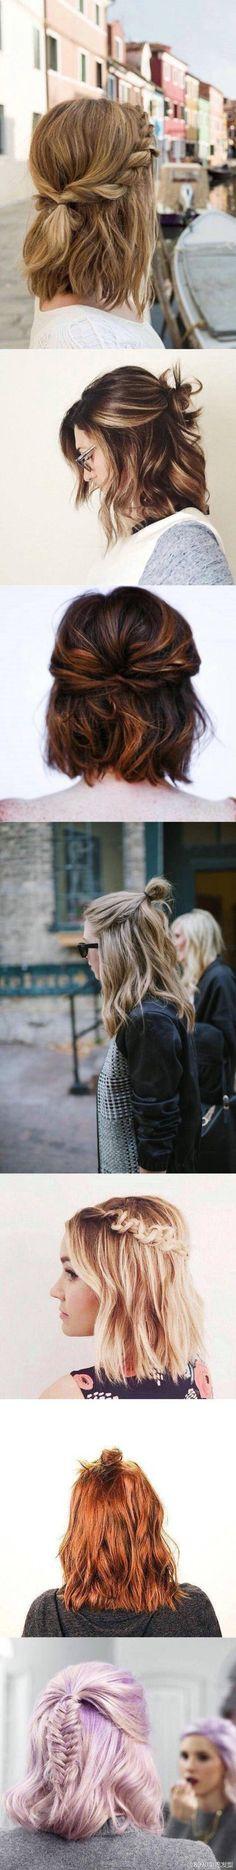 Hair style #braid #hair #idea